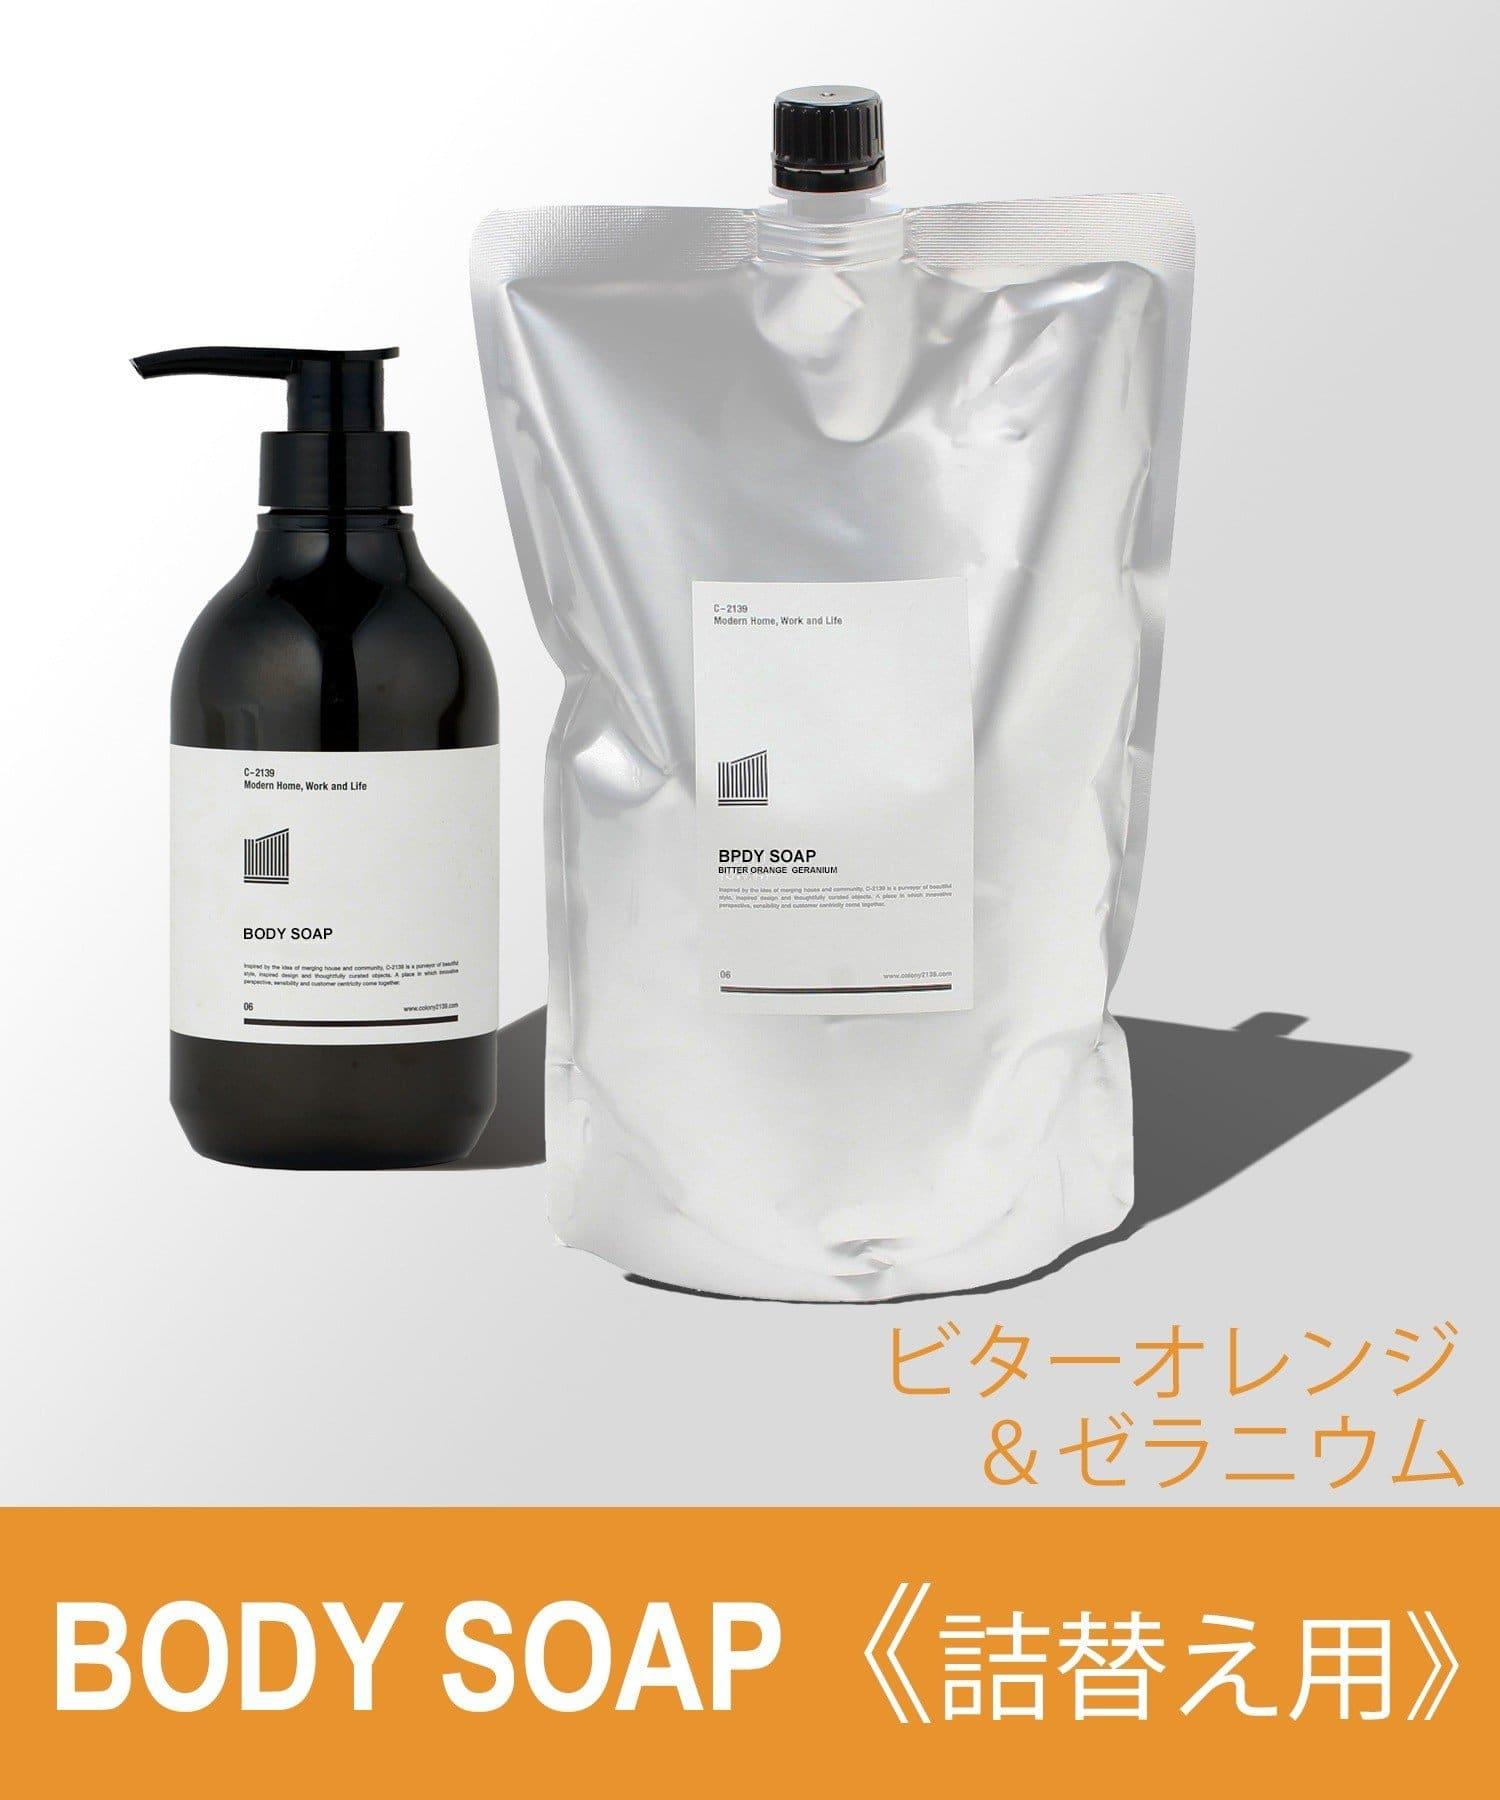 COLONY 2139(コロニー トゥーワンスリーナイン) ライフスタイル ボディソープ詰替用(ビターオレンジ&ゼラニウムの香り) マスタード